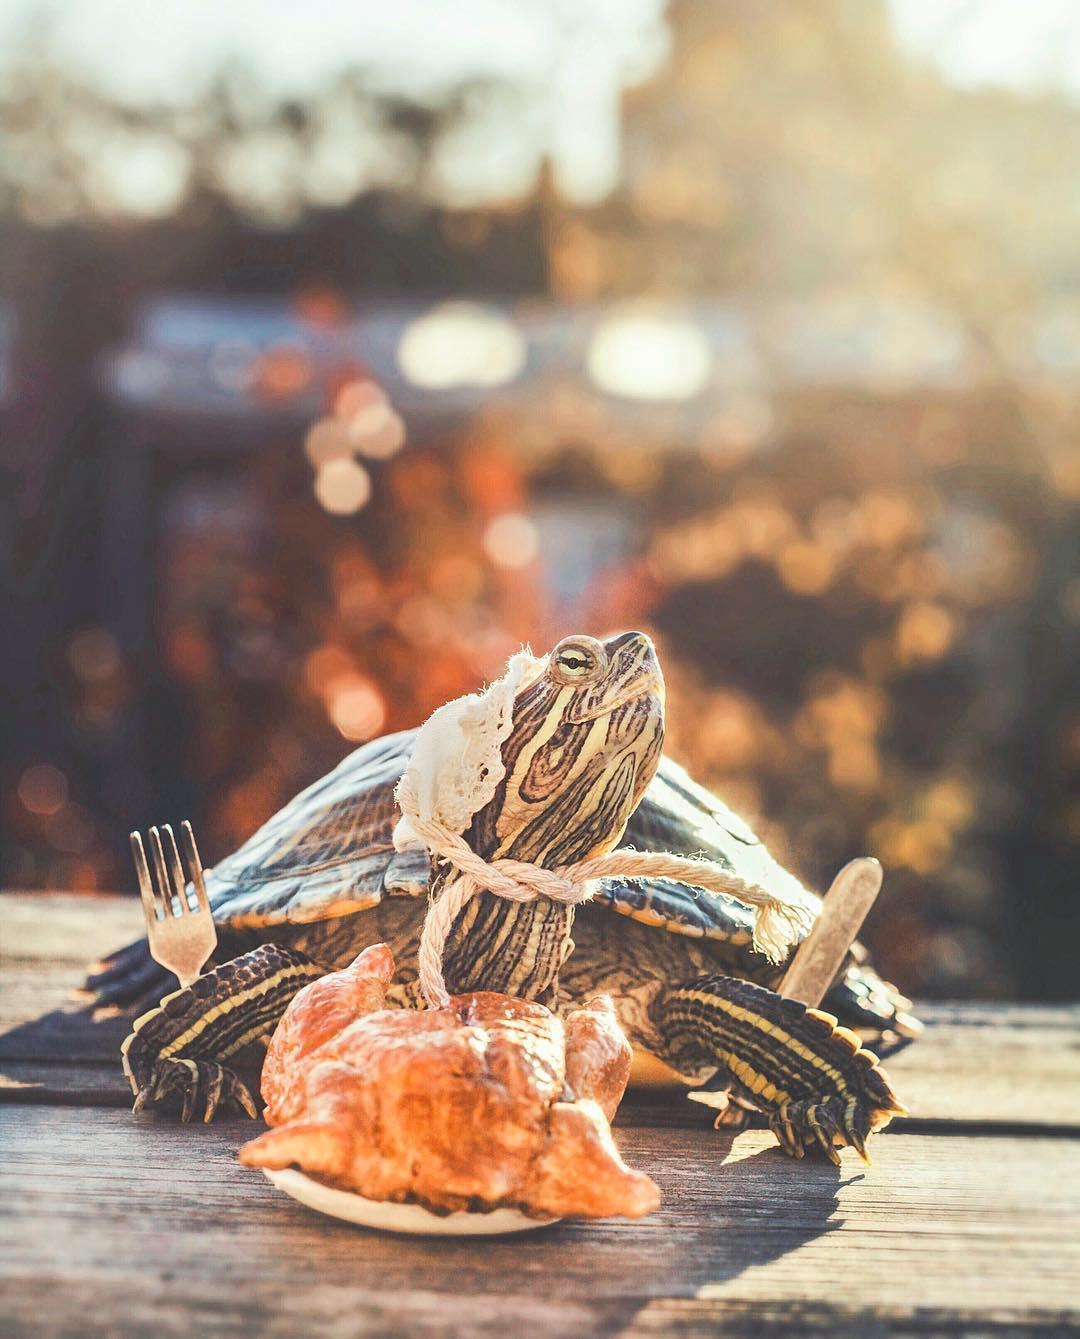 Cuộc sống sang chảnh của 2 chú rùa tai đỏ đang chiếm trọn trái tim người dùng Instagram - Ảnh 15.